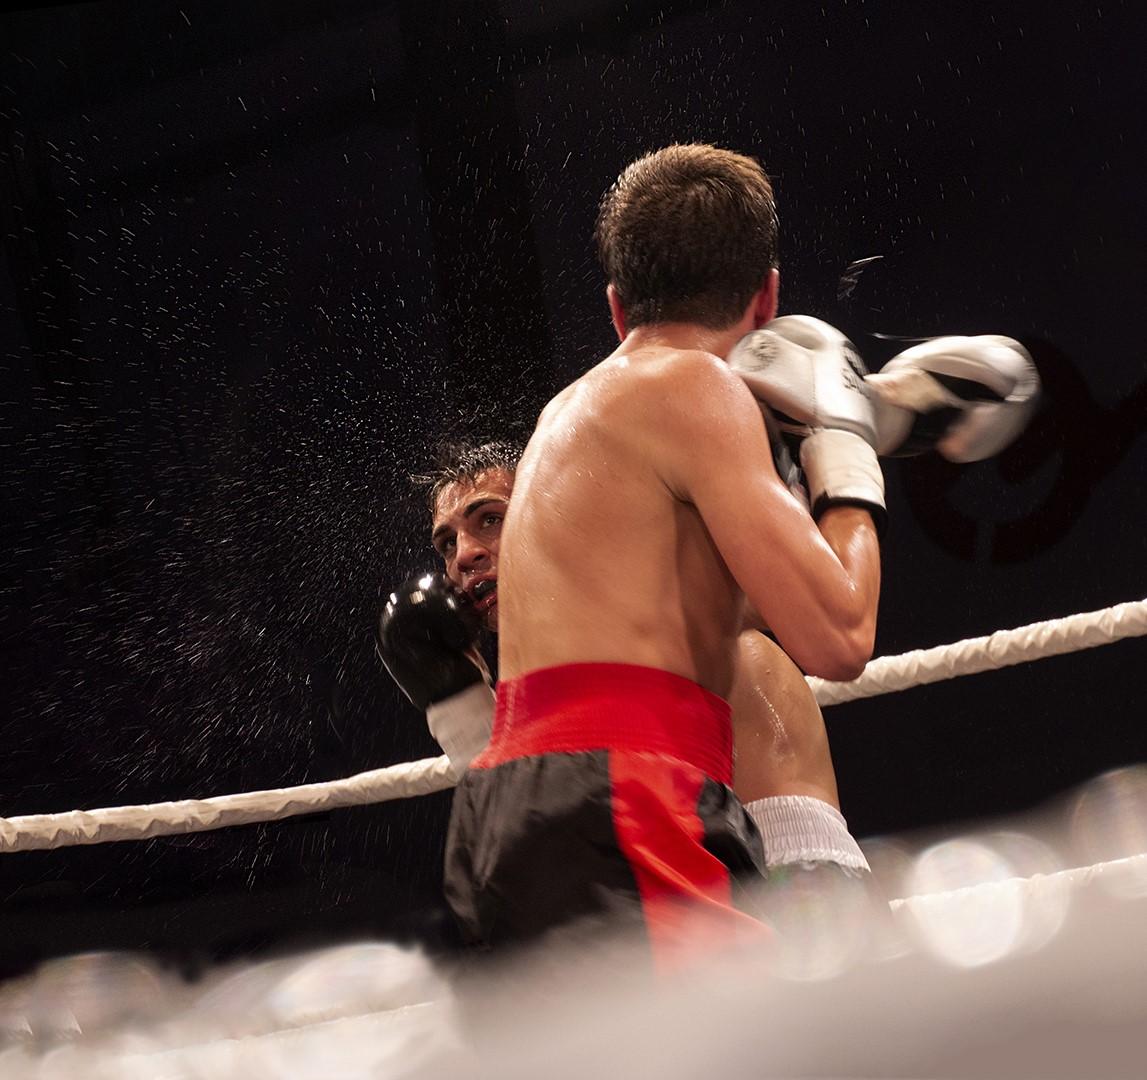 Eifert János: Kemény küzdelem / Hard fight (Budapest, 2018)